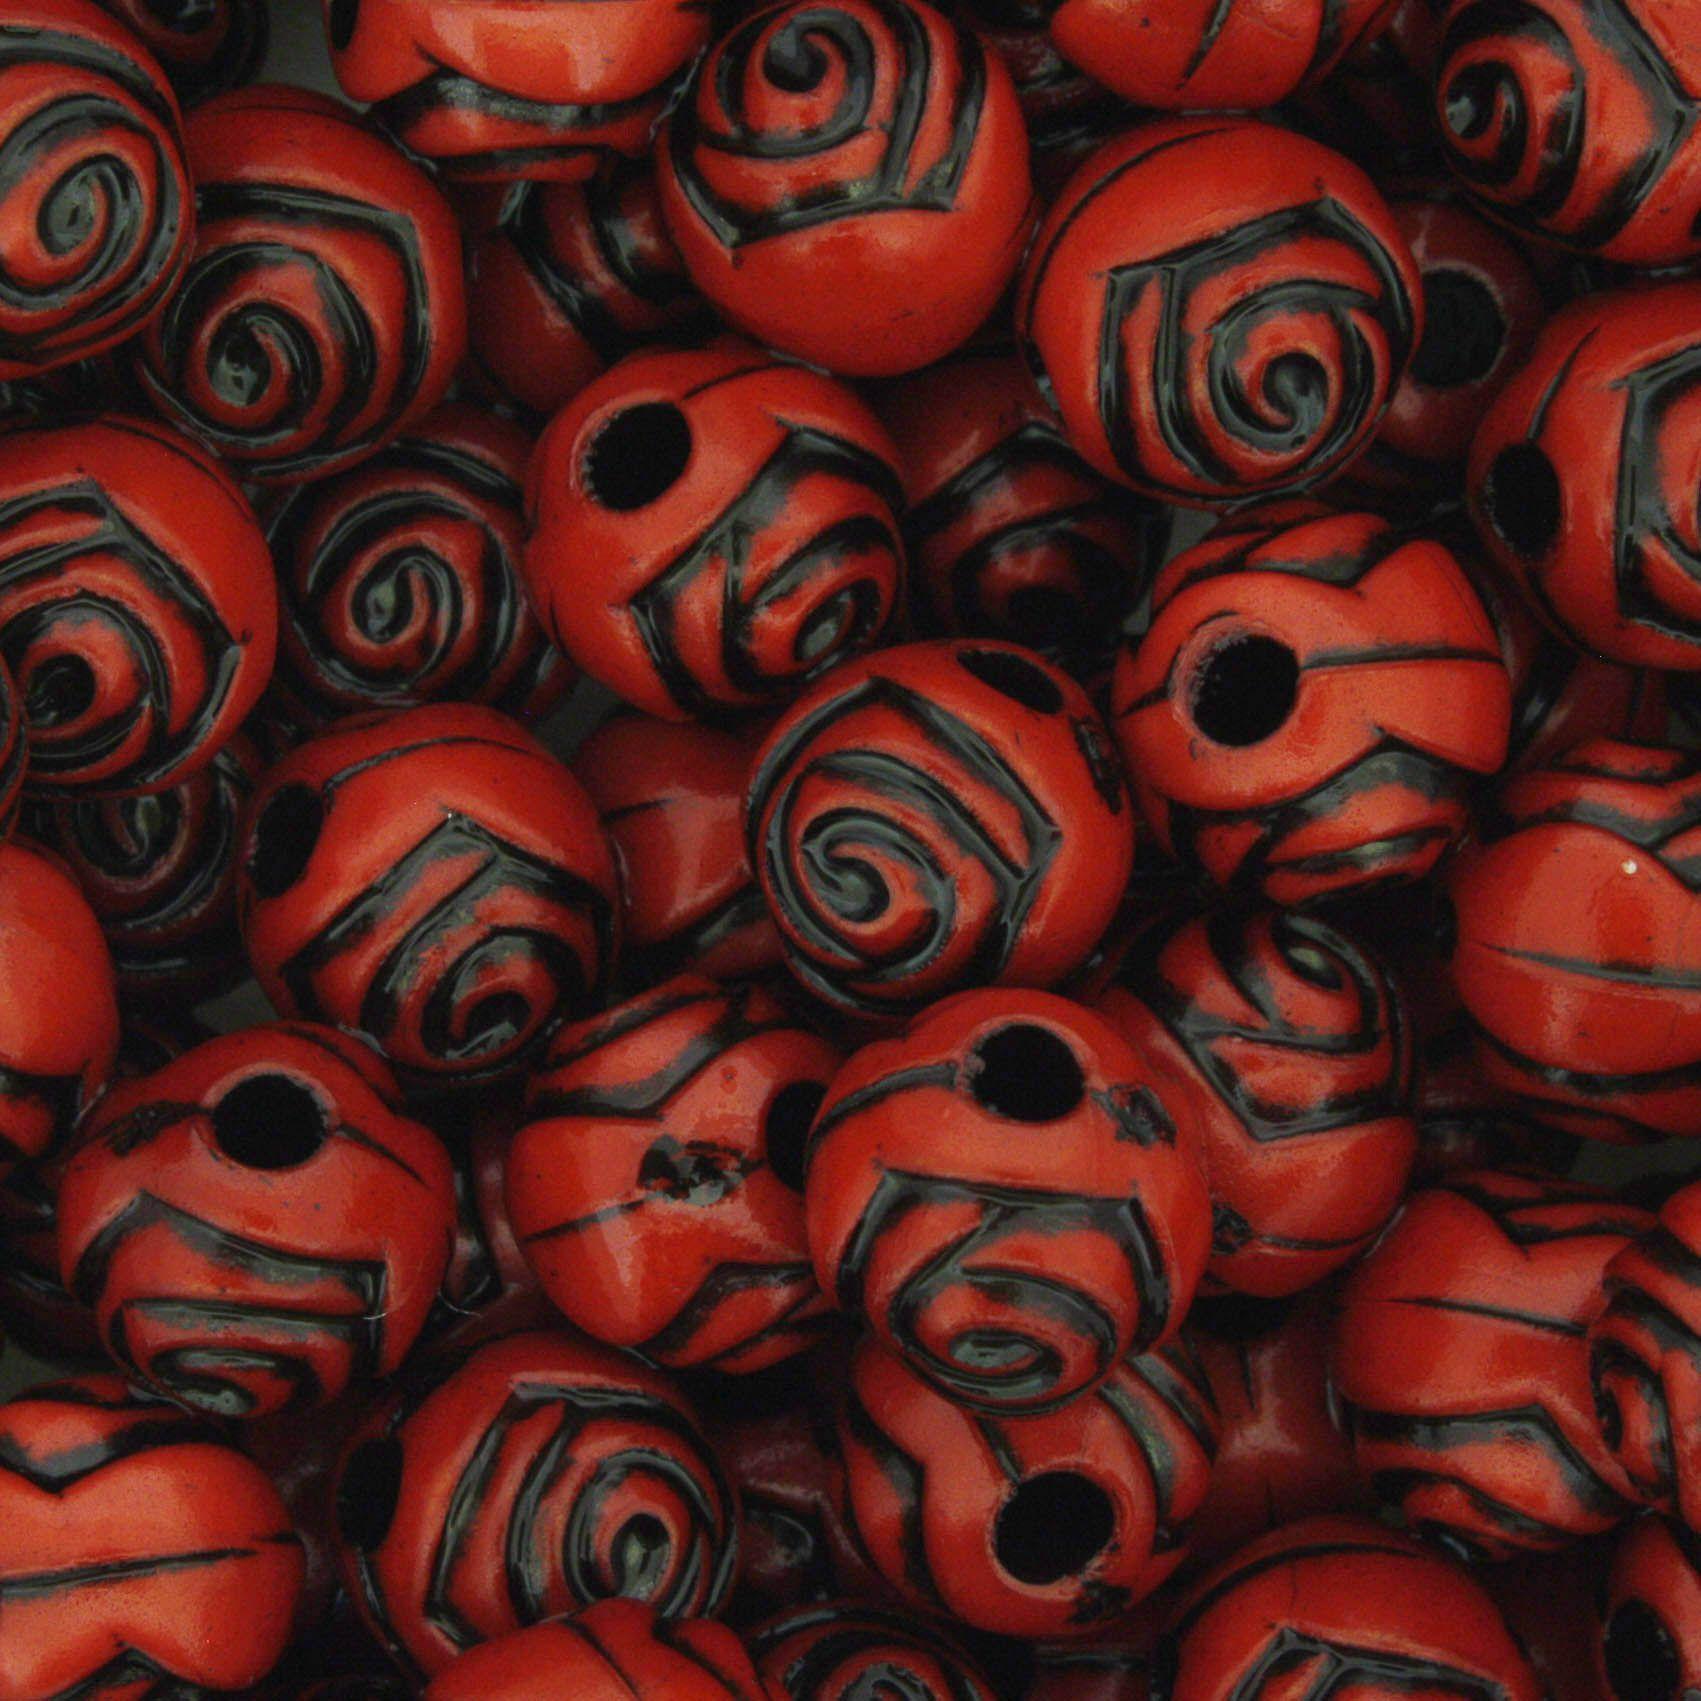 Miçanga Pesca - Flor Vermelha e Preta  - Stéphanie Bijoux® - Peças para Bijuterias e Artesanato